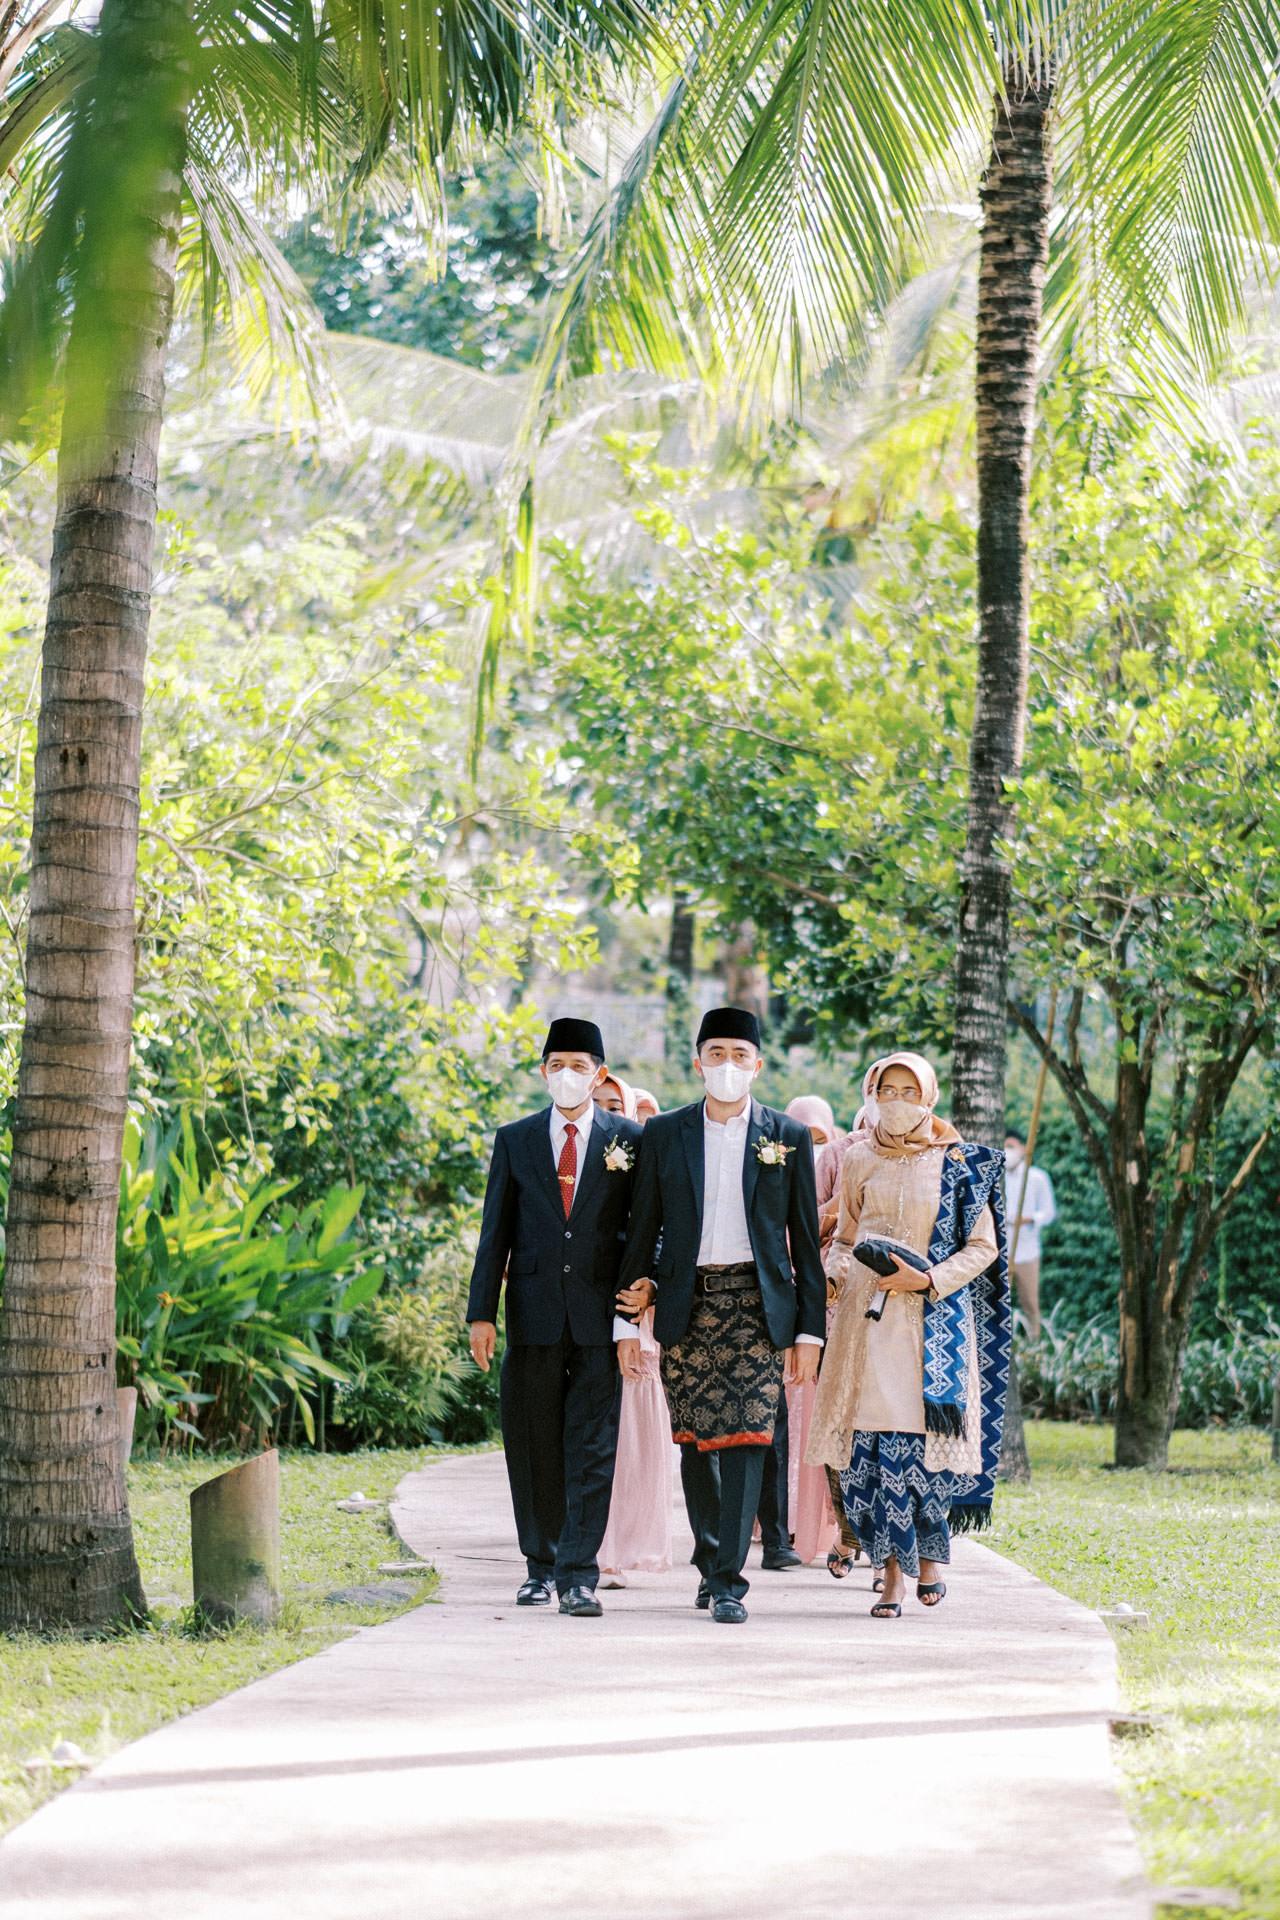 Akad Nikah in Bali 28